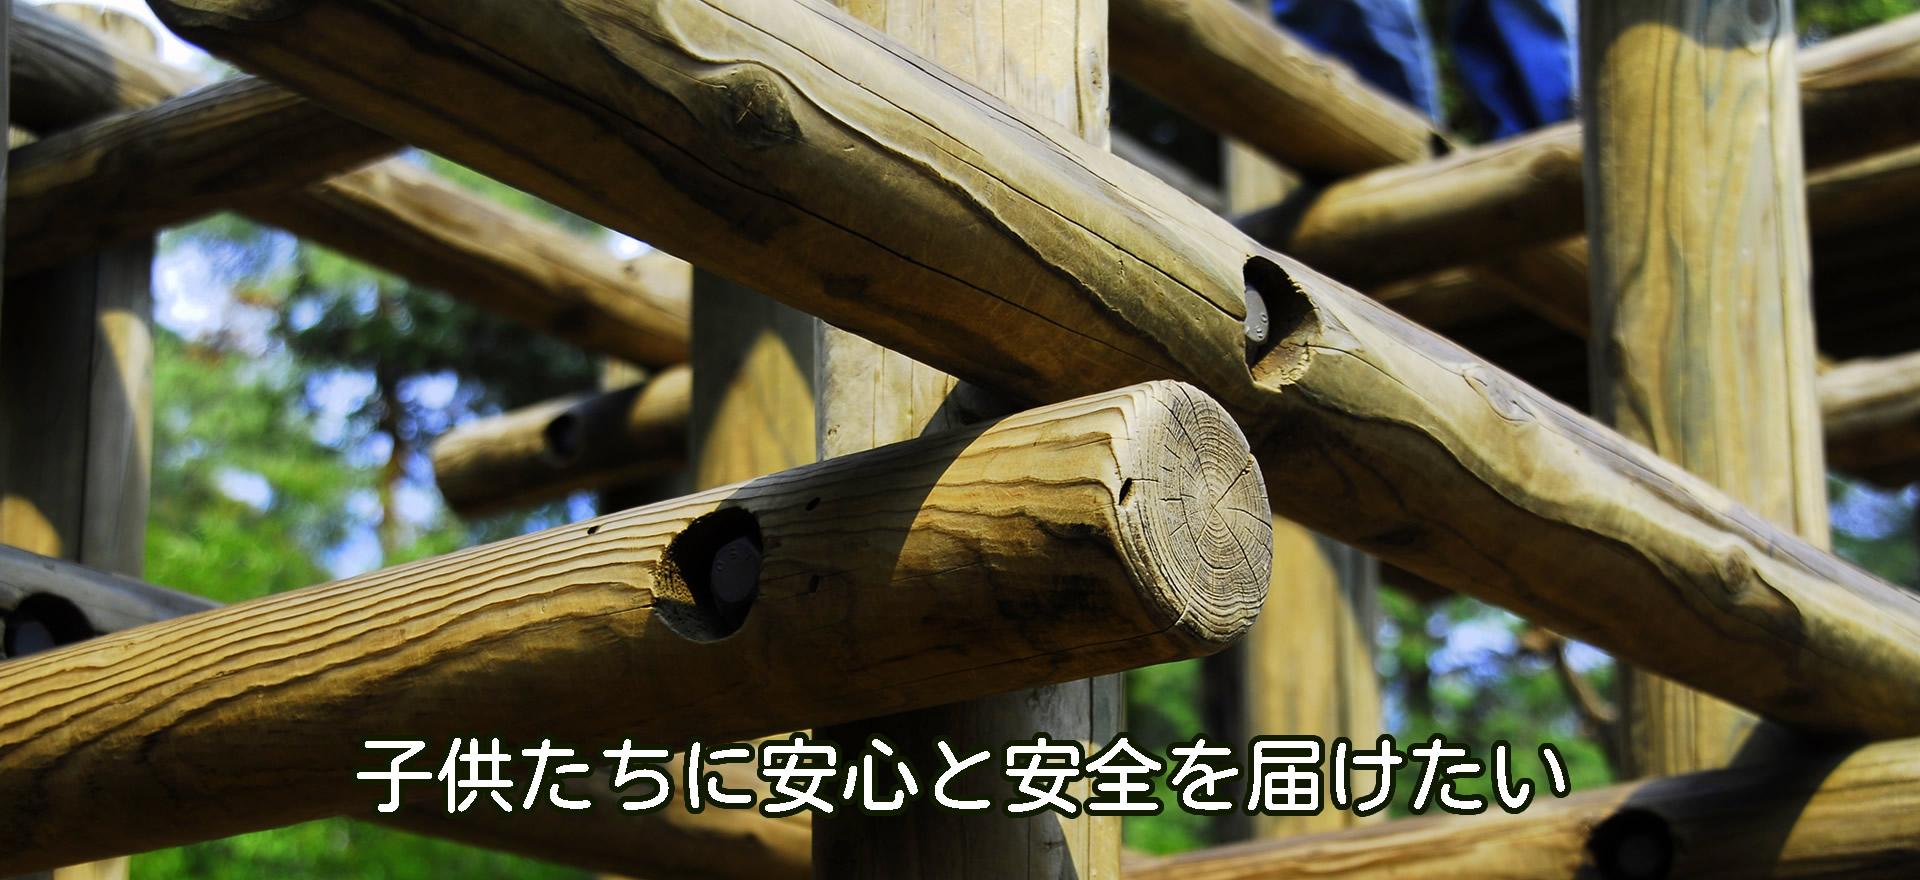 株式会社 方城組/大阪市平野区/フィールドアスレチックの設計・施工・点検・保守、レジャー施設のリフォーム工事、公園施設関連の木工事、大阪府・大阪市の公共工事